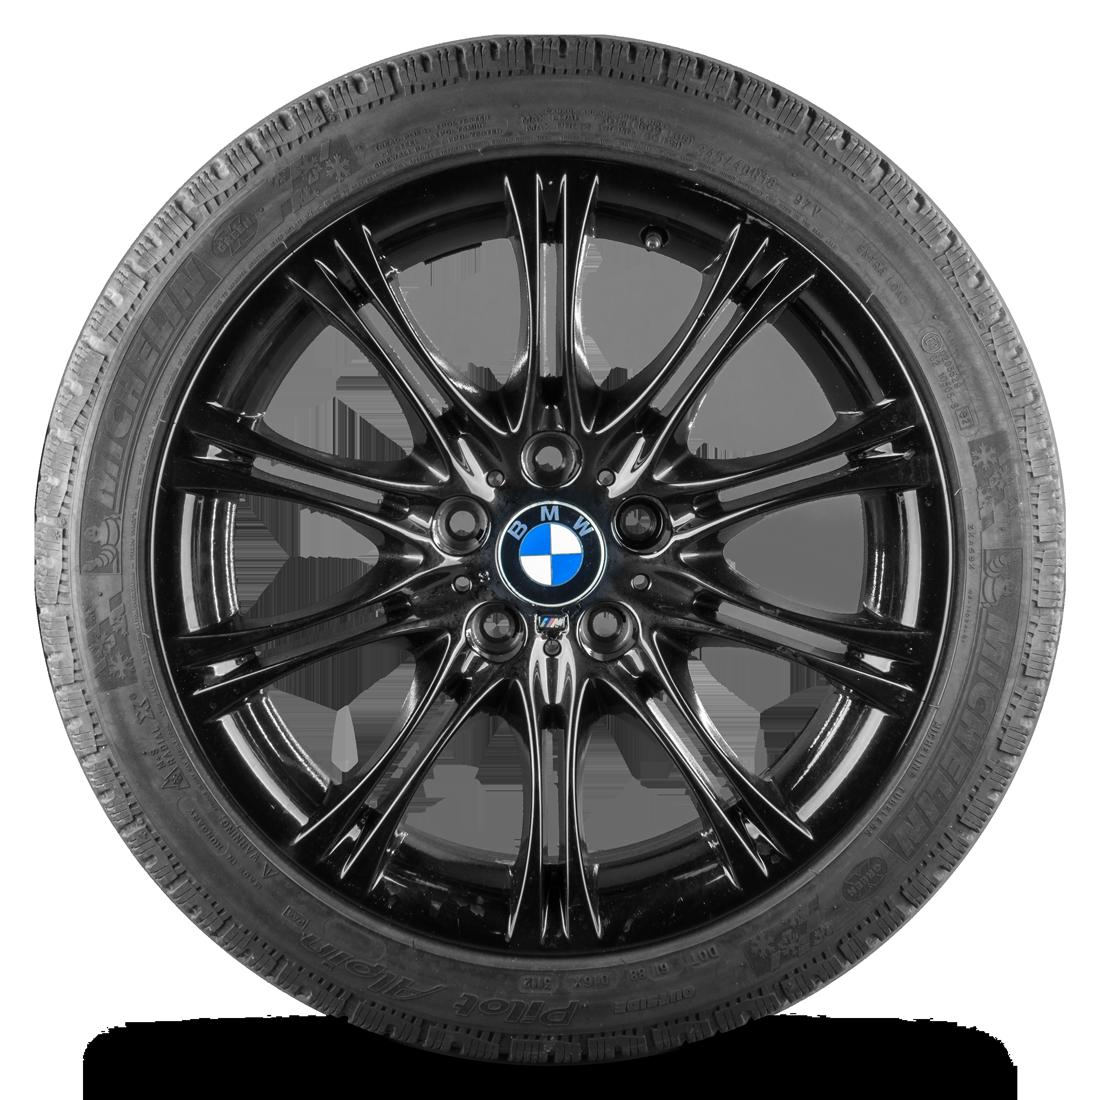 BMW 18 Zoll Felgen 5er E60 E61 M135 M 135 Alufelgen Winterreifen Winterräder